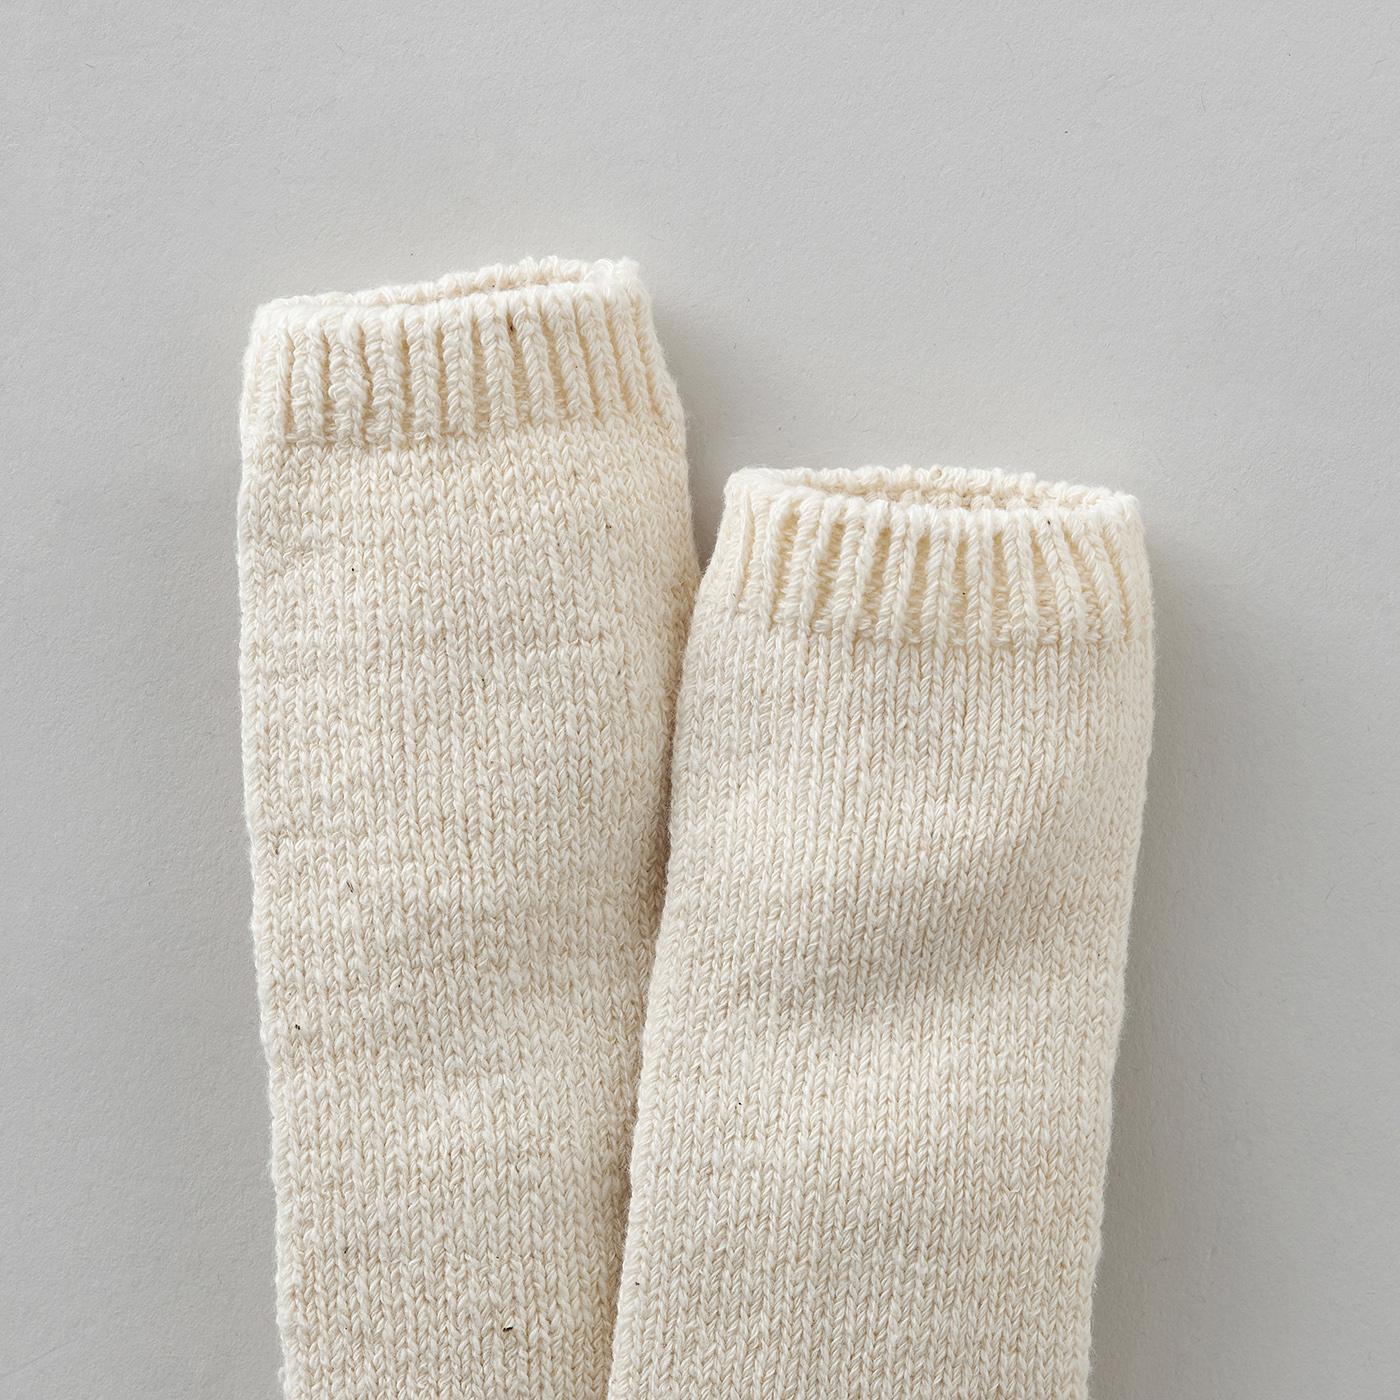 体温調節に使いやすい。ギフトにもおすすめ!|ガラ紡の赤ちゃんレッグウォーマー